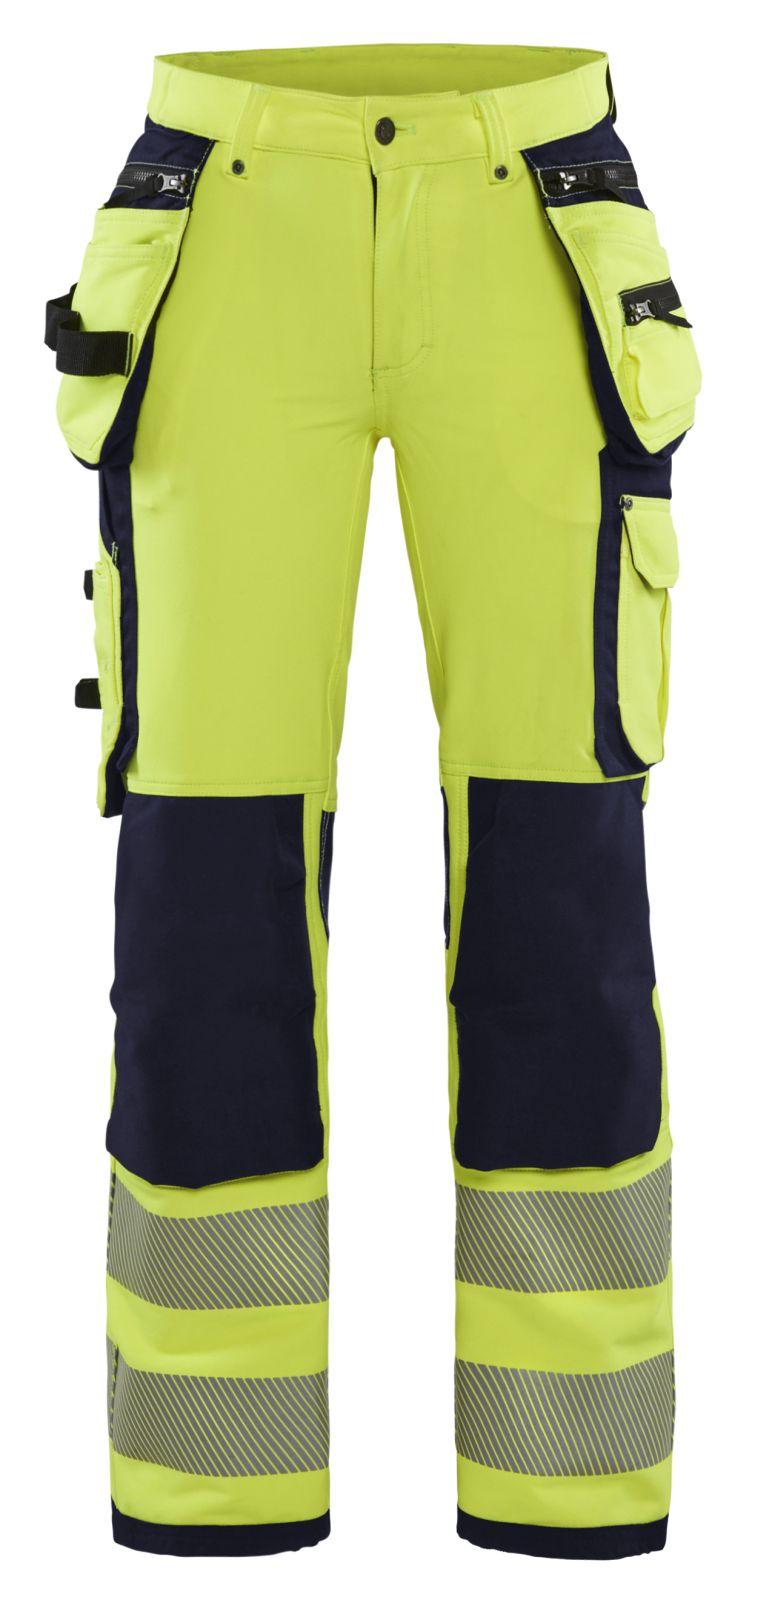 Blaklader Broeken 71971642 fluo geel-marineblauw(3389)